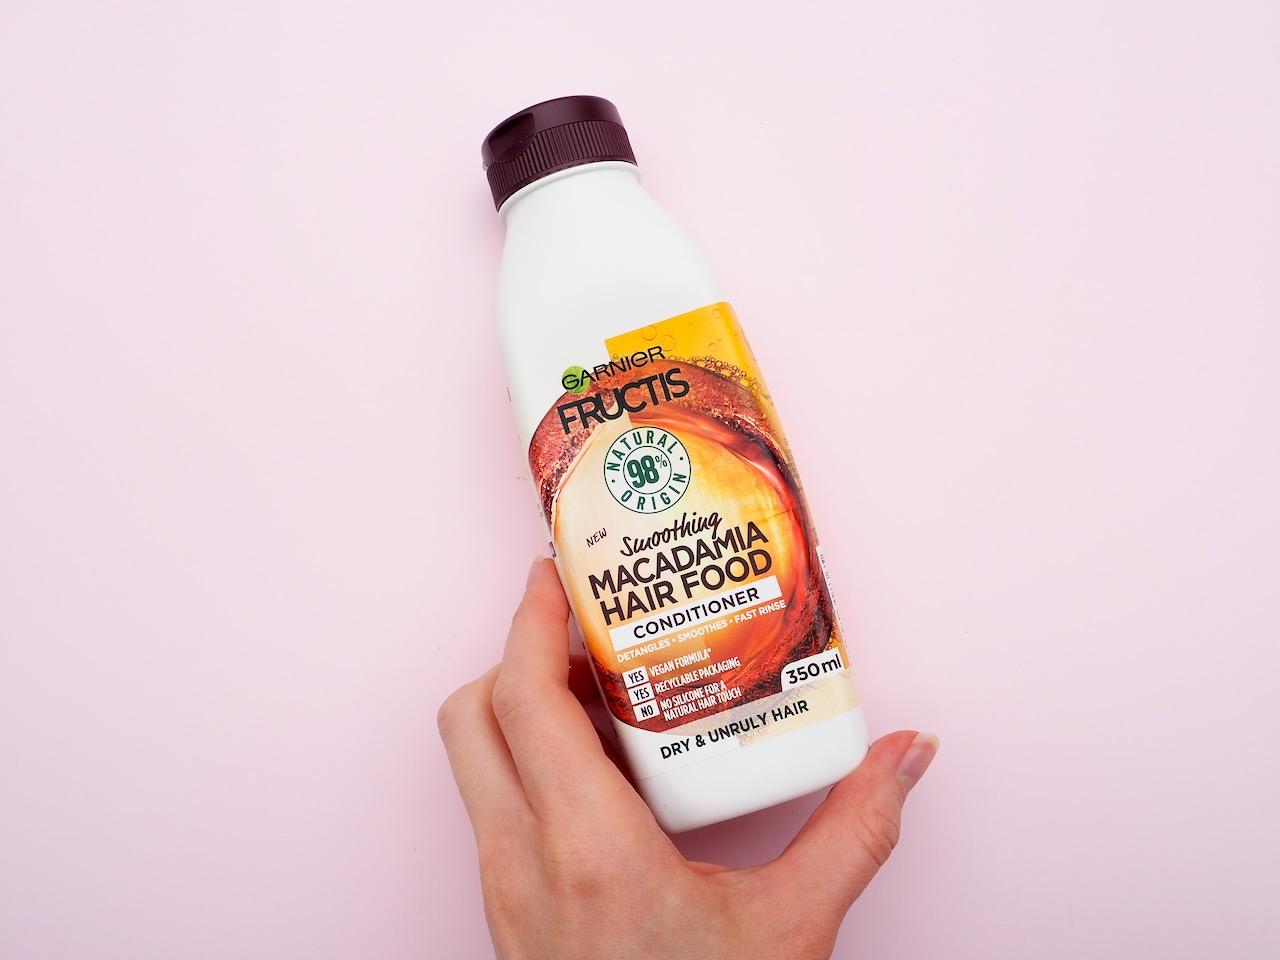 Garnier Macadamia Hair Food Conditioner hoitoaine kokemuksia